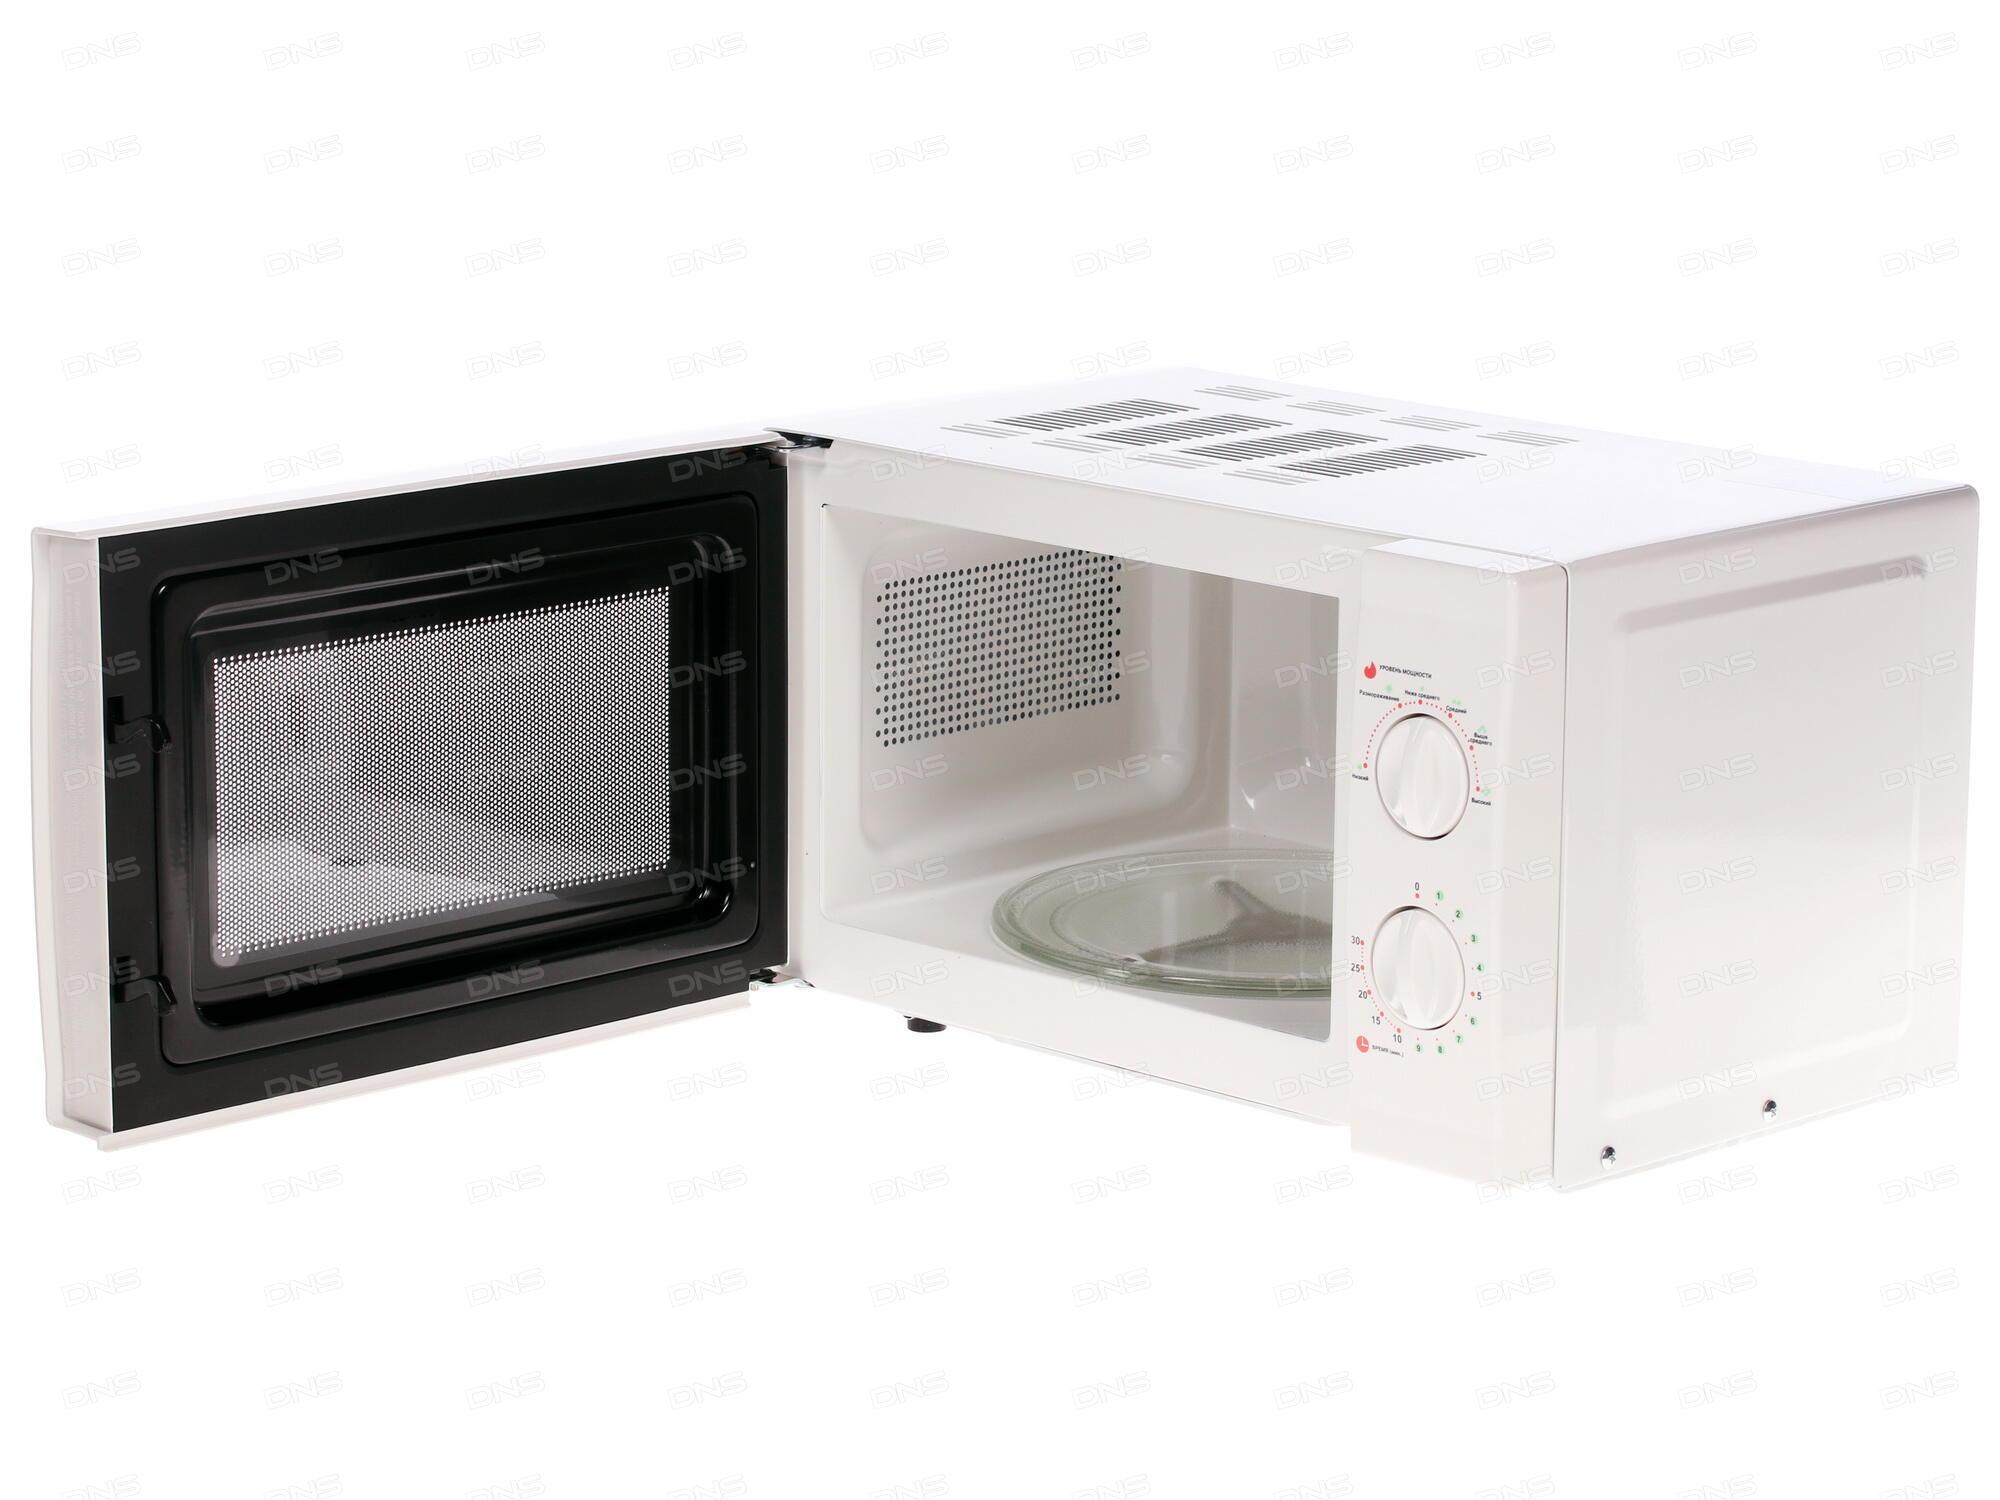 -Mystery MMW-2010   купить микроволновую печь в Сотмаркете